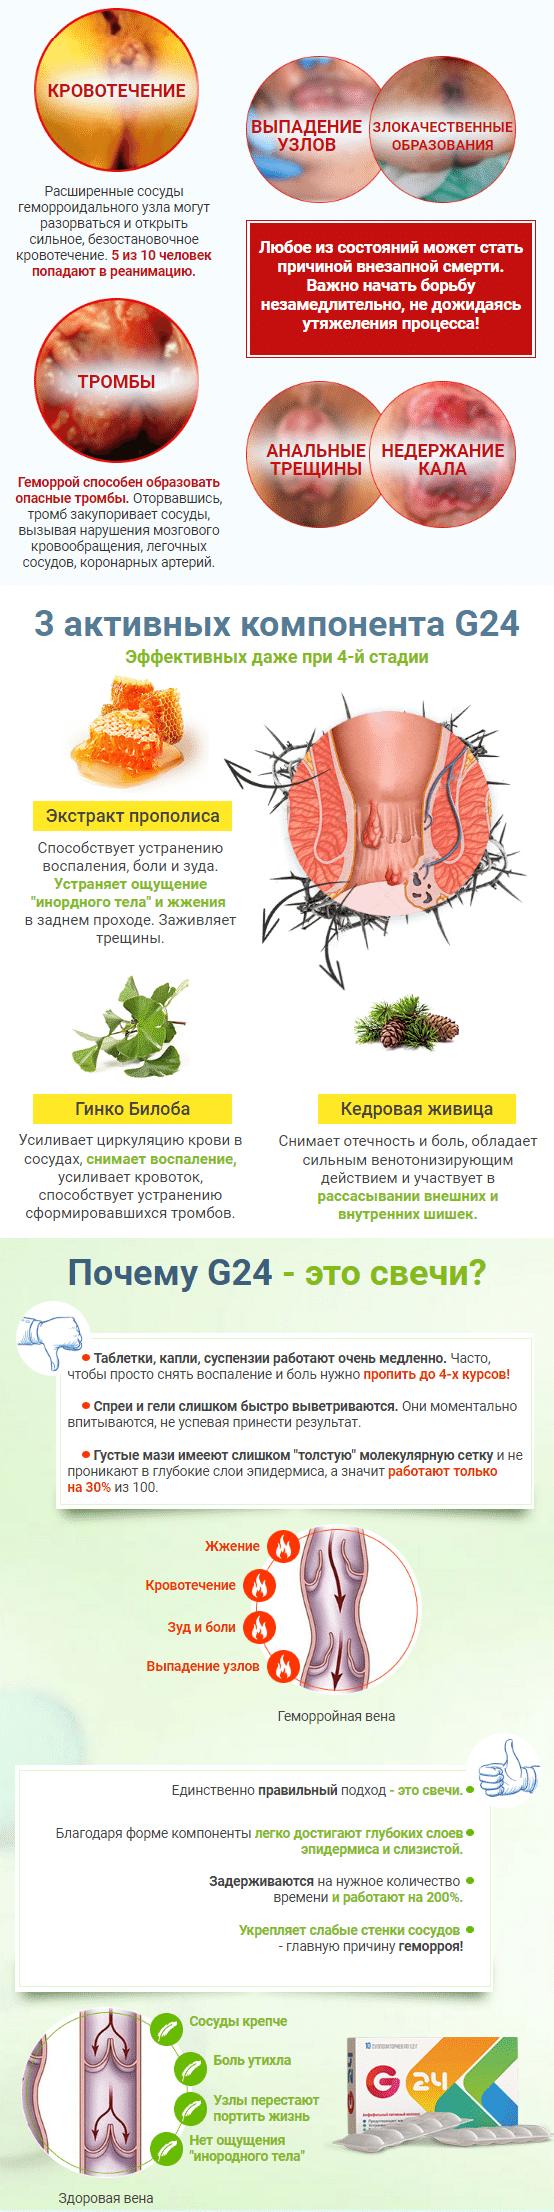 Купить Проктонол от геморроя в Алексеевке